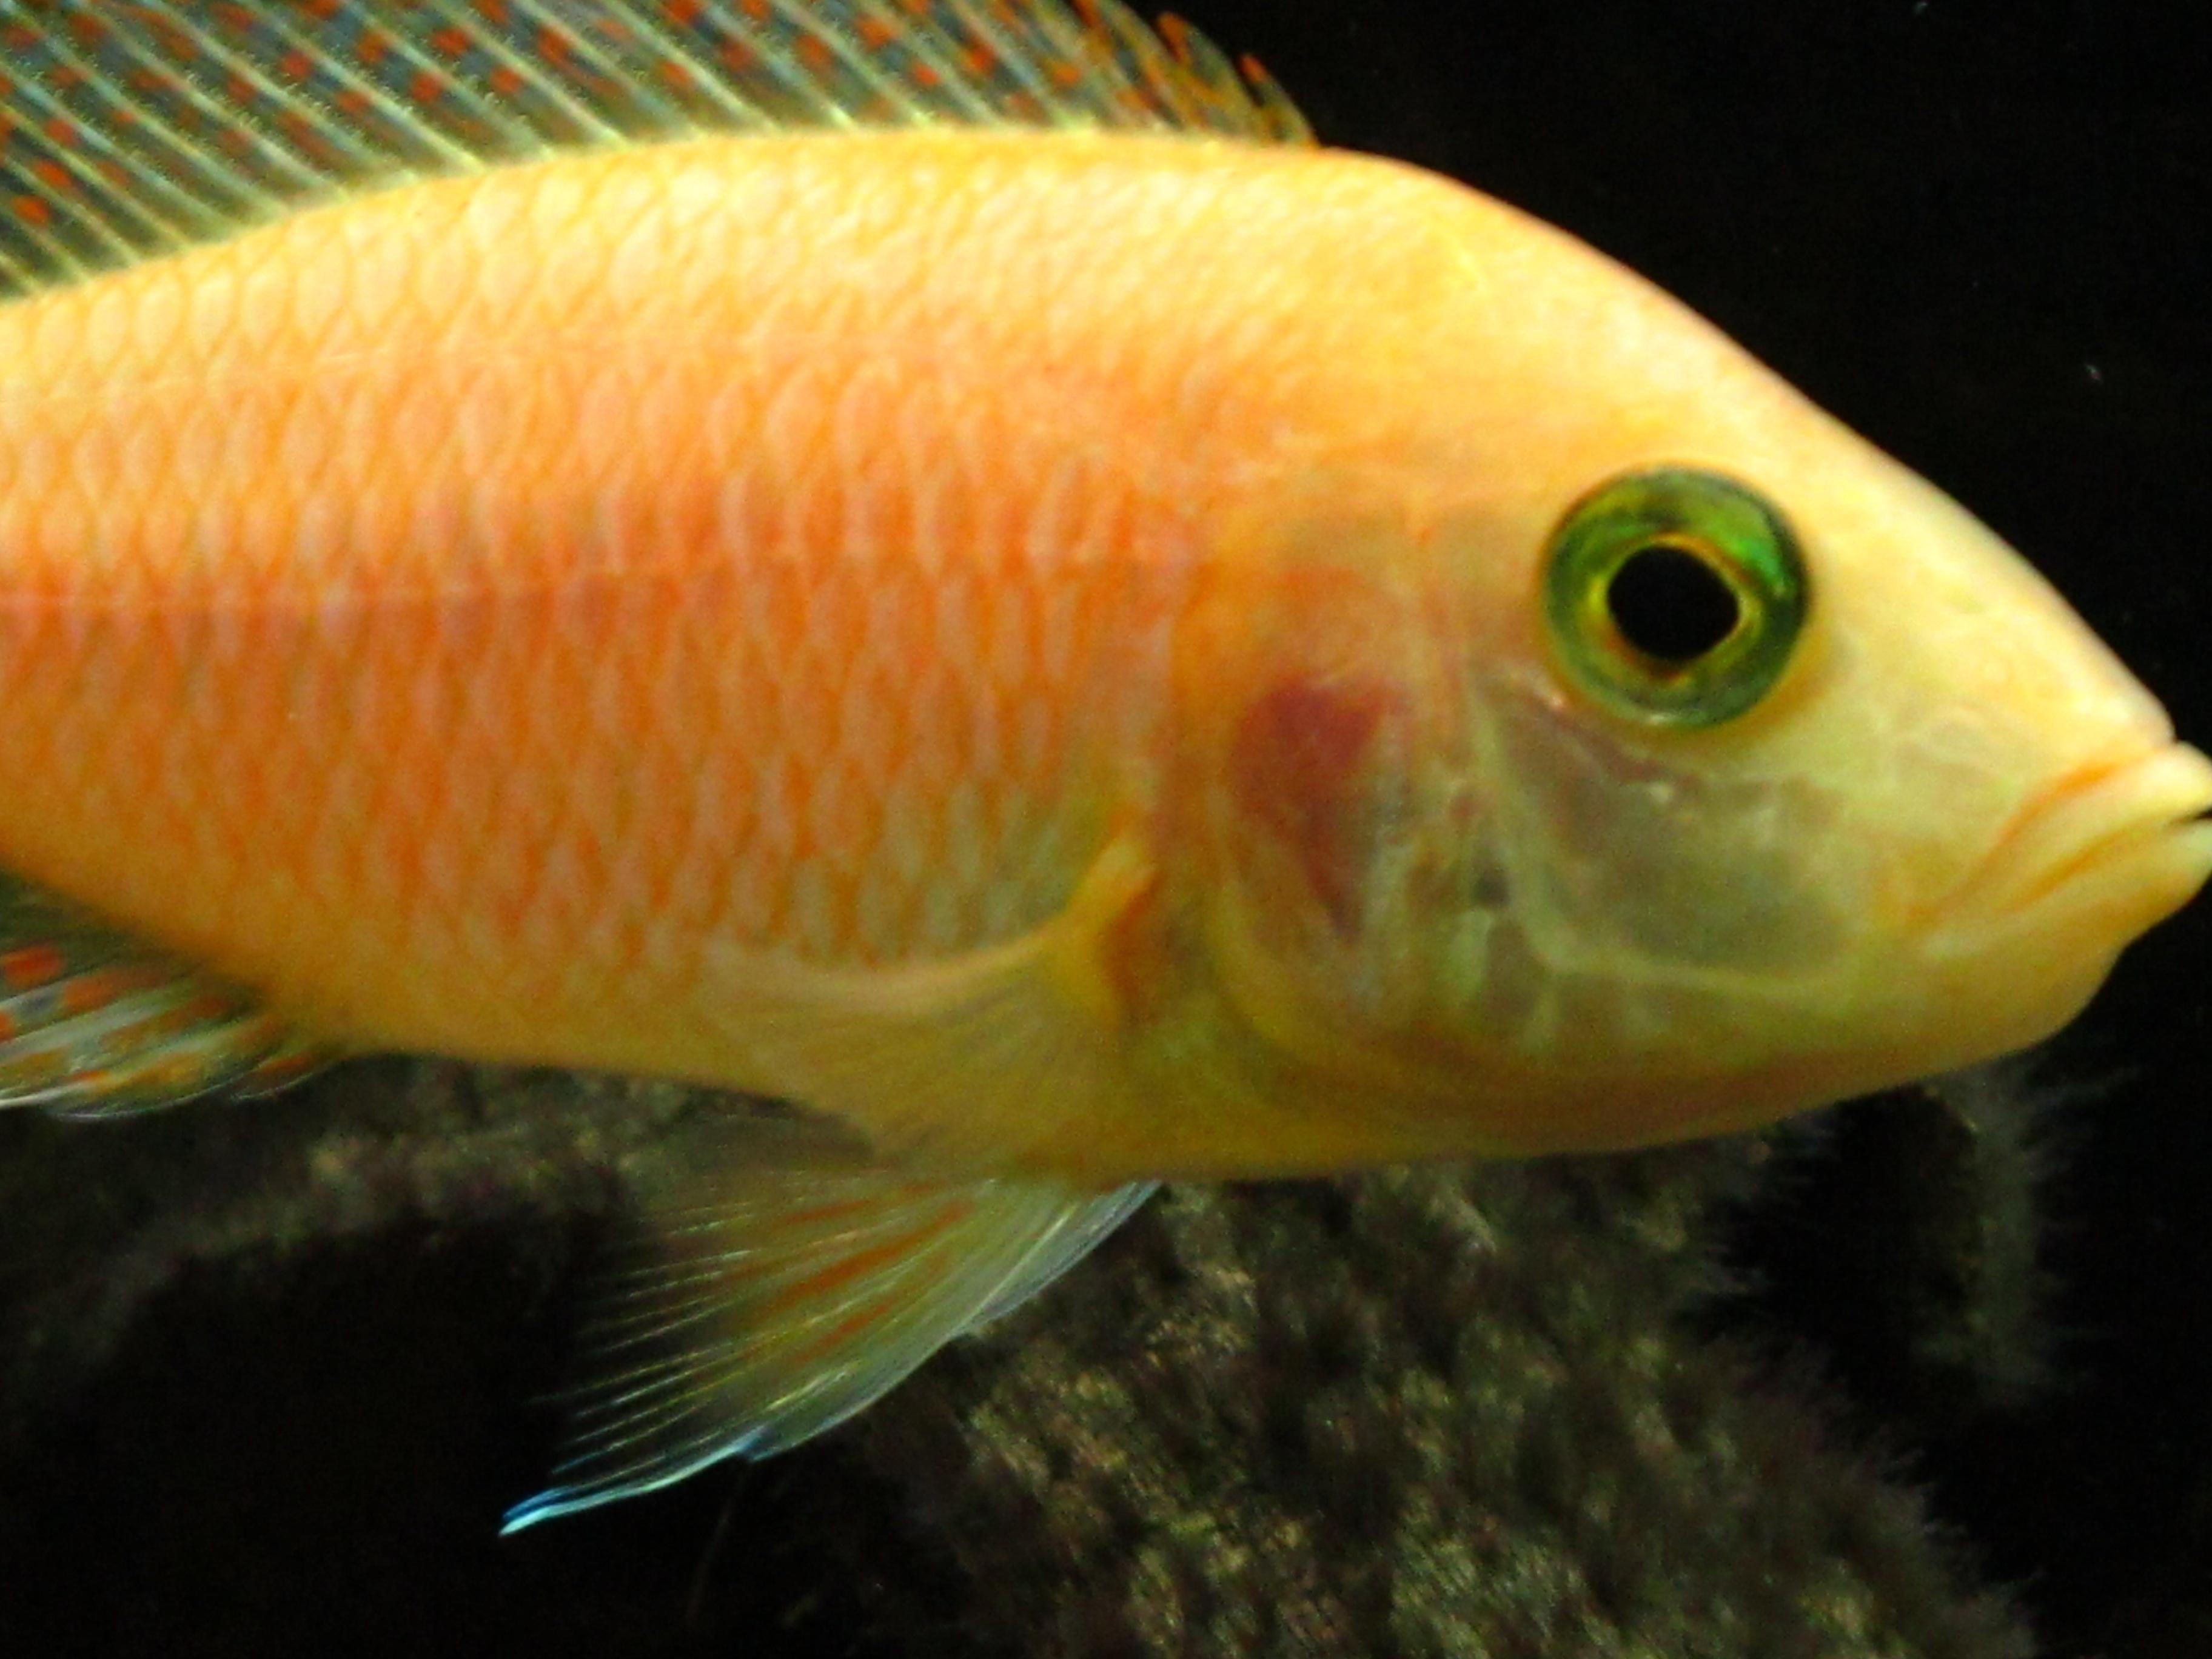 cichlids.com: for Nate